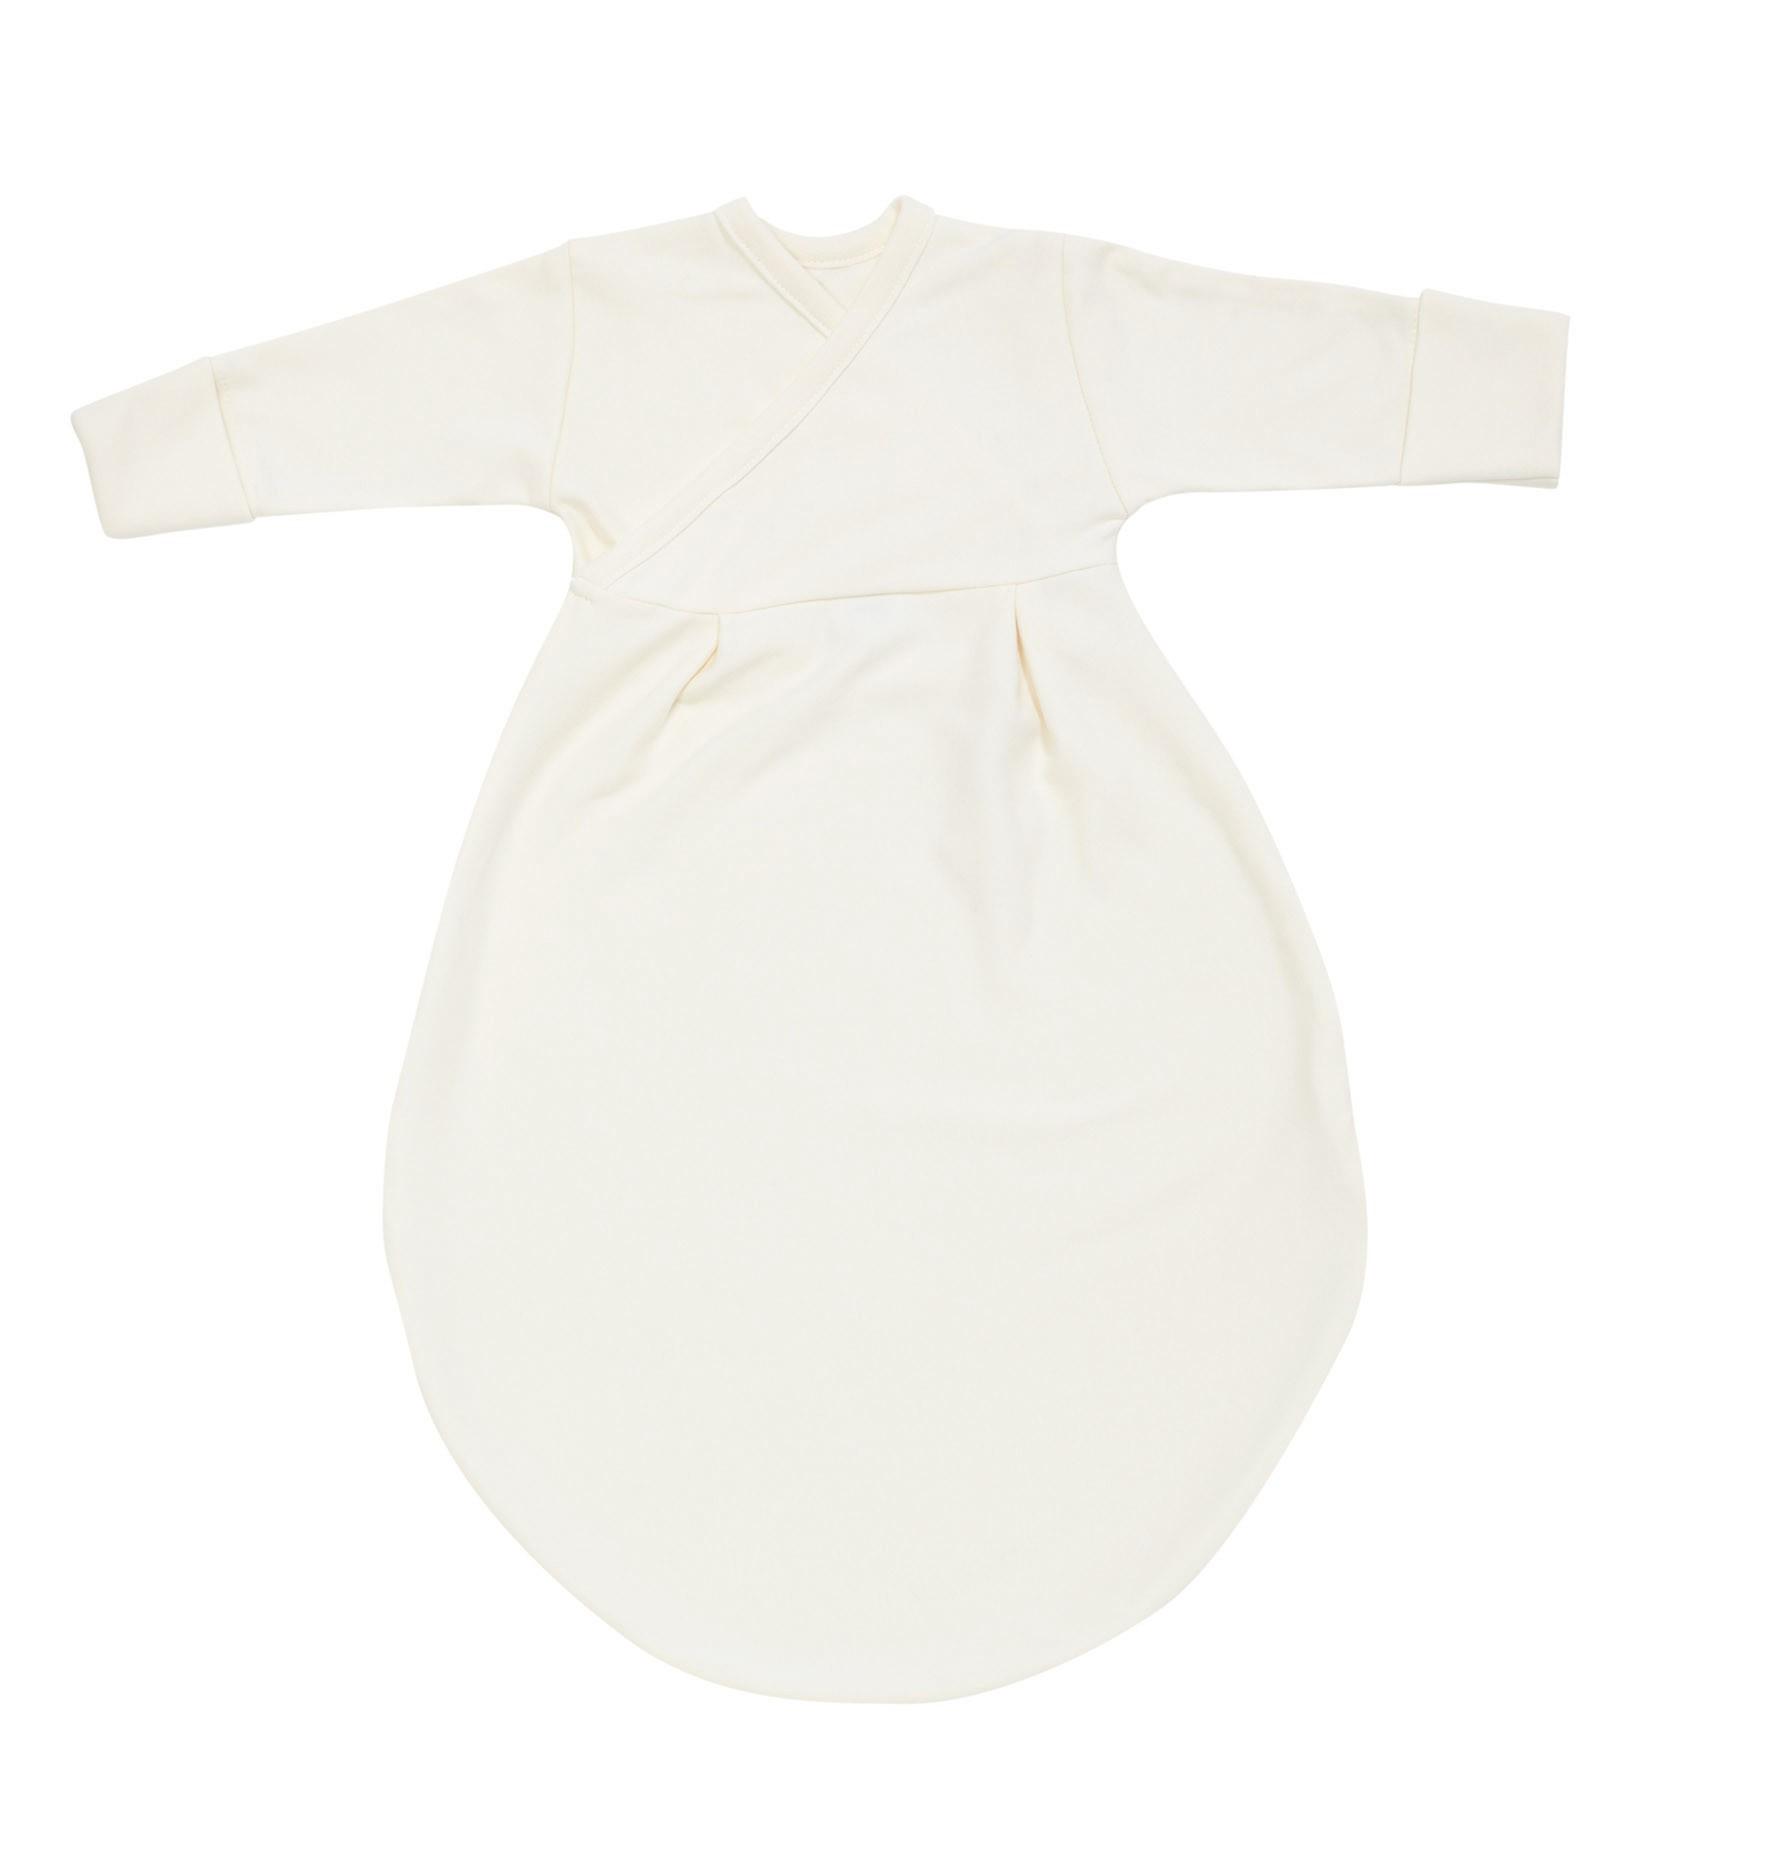 Alvi Baby Mäxchen Schlafsack Innensack Größe 62 allergikaweiss